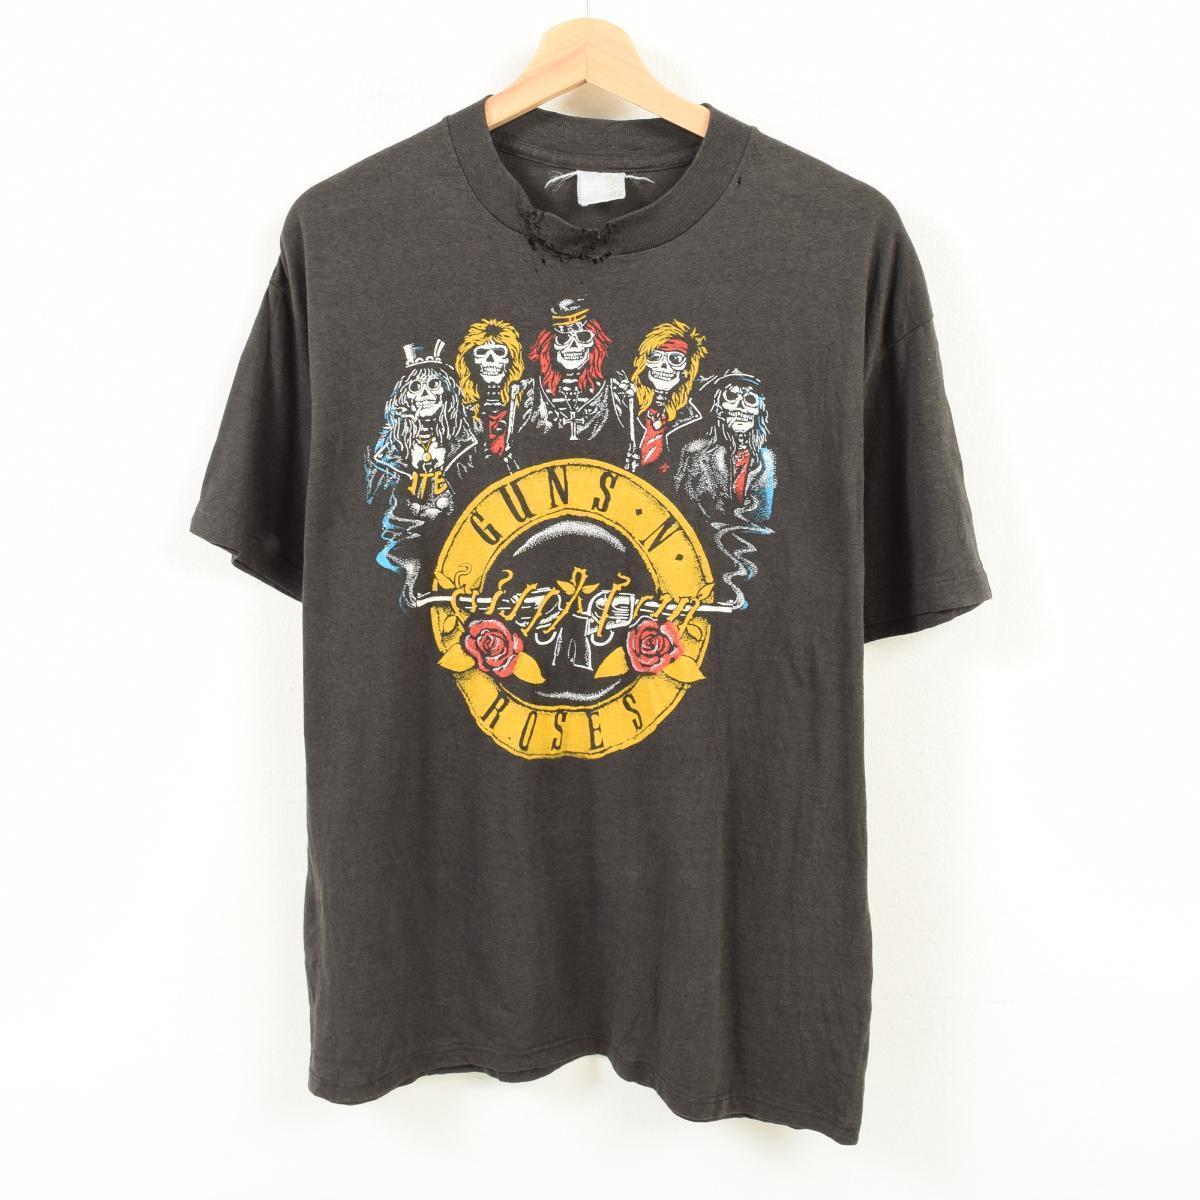 ~90年代 GUNS N' ROSES ガンズアンドローゼズ AXL WAS HERE バンドTシャツ メンズM /waq2392 【中古】 【180501】